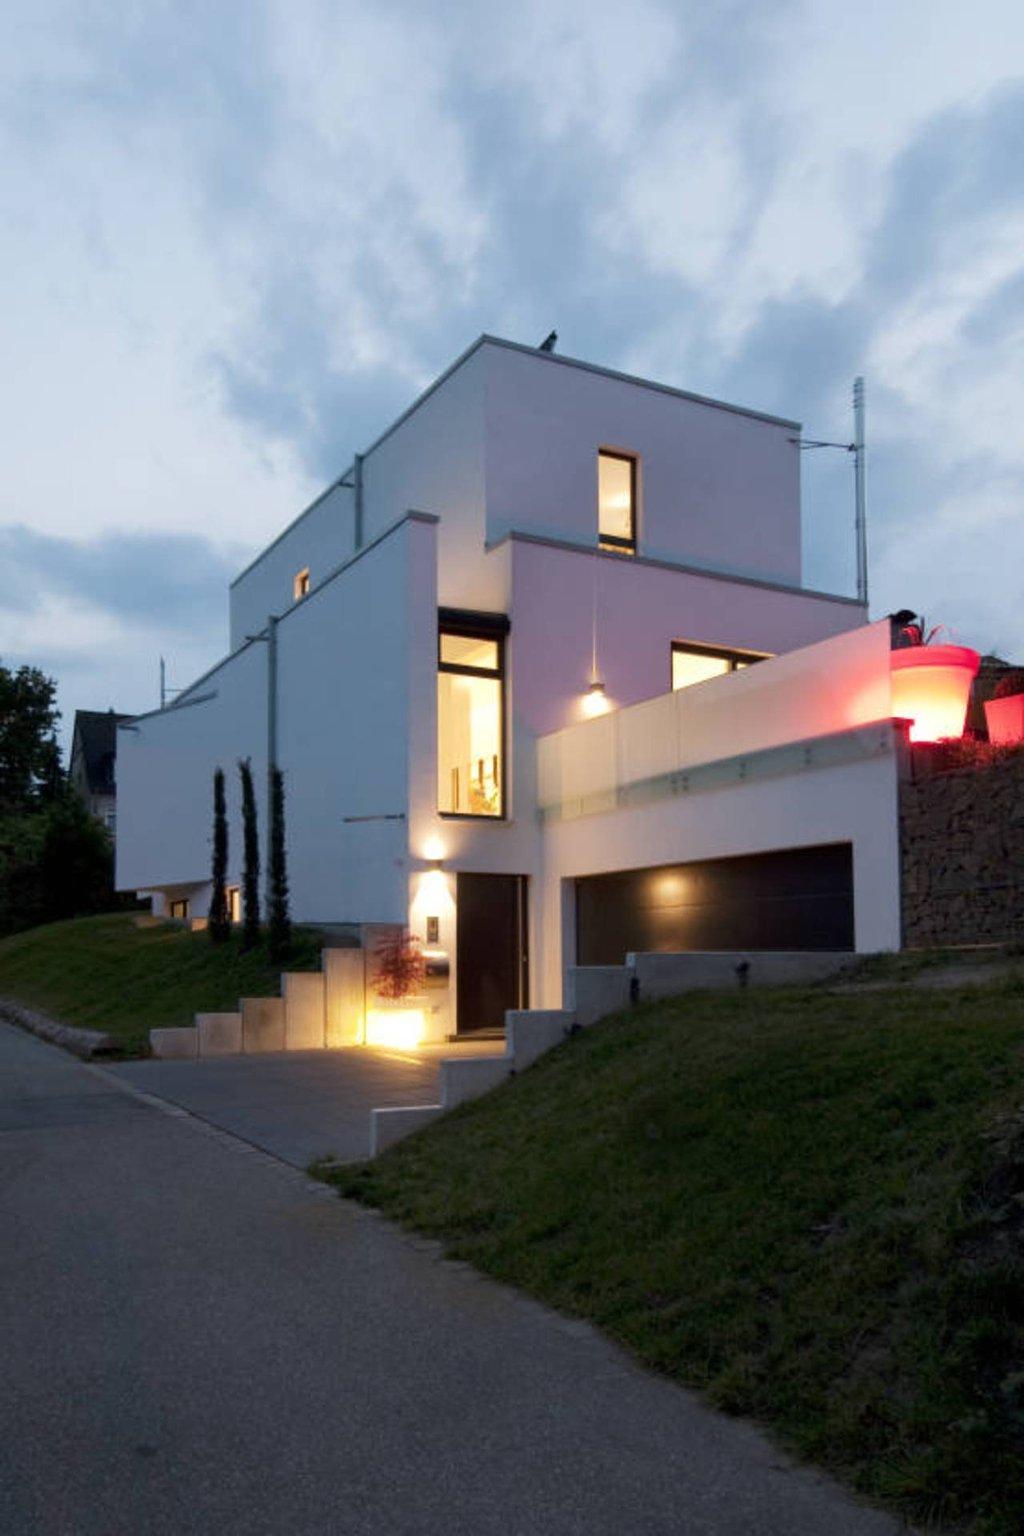 센스넘치는 공간배치의 2층주택 :: 예쁜집IDEA